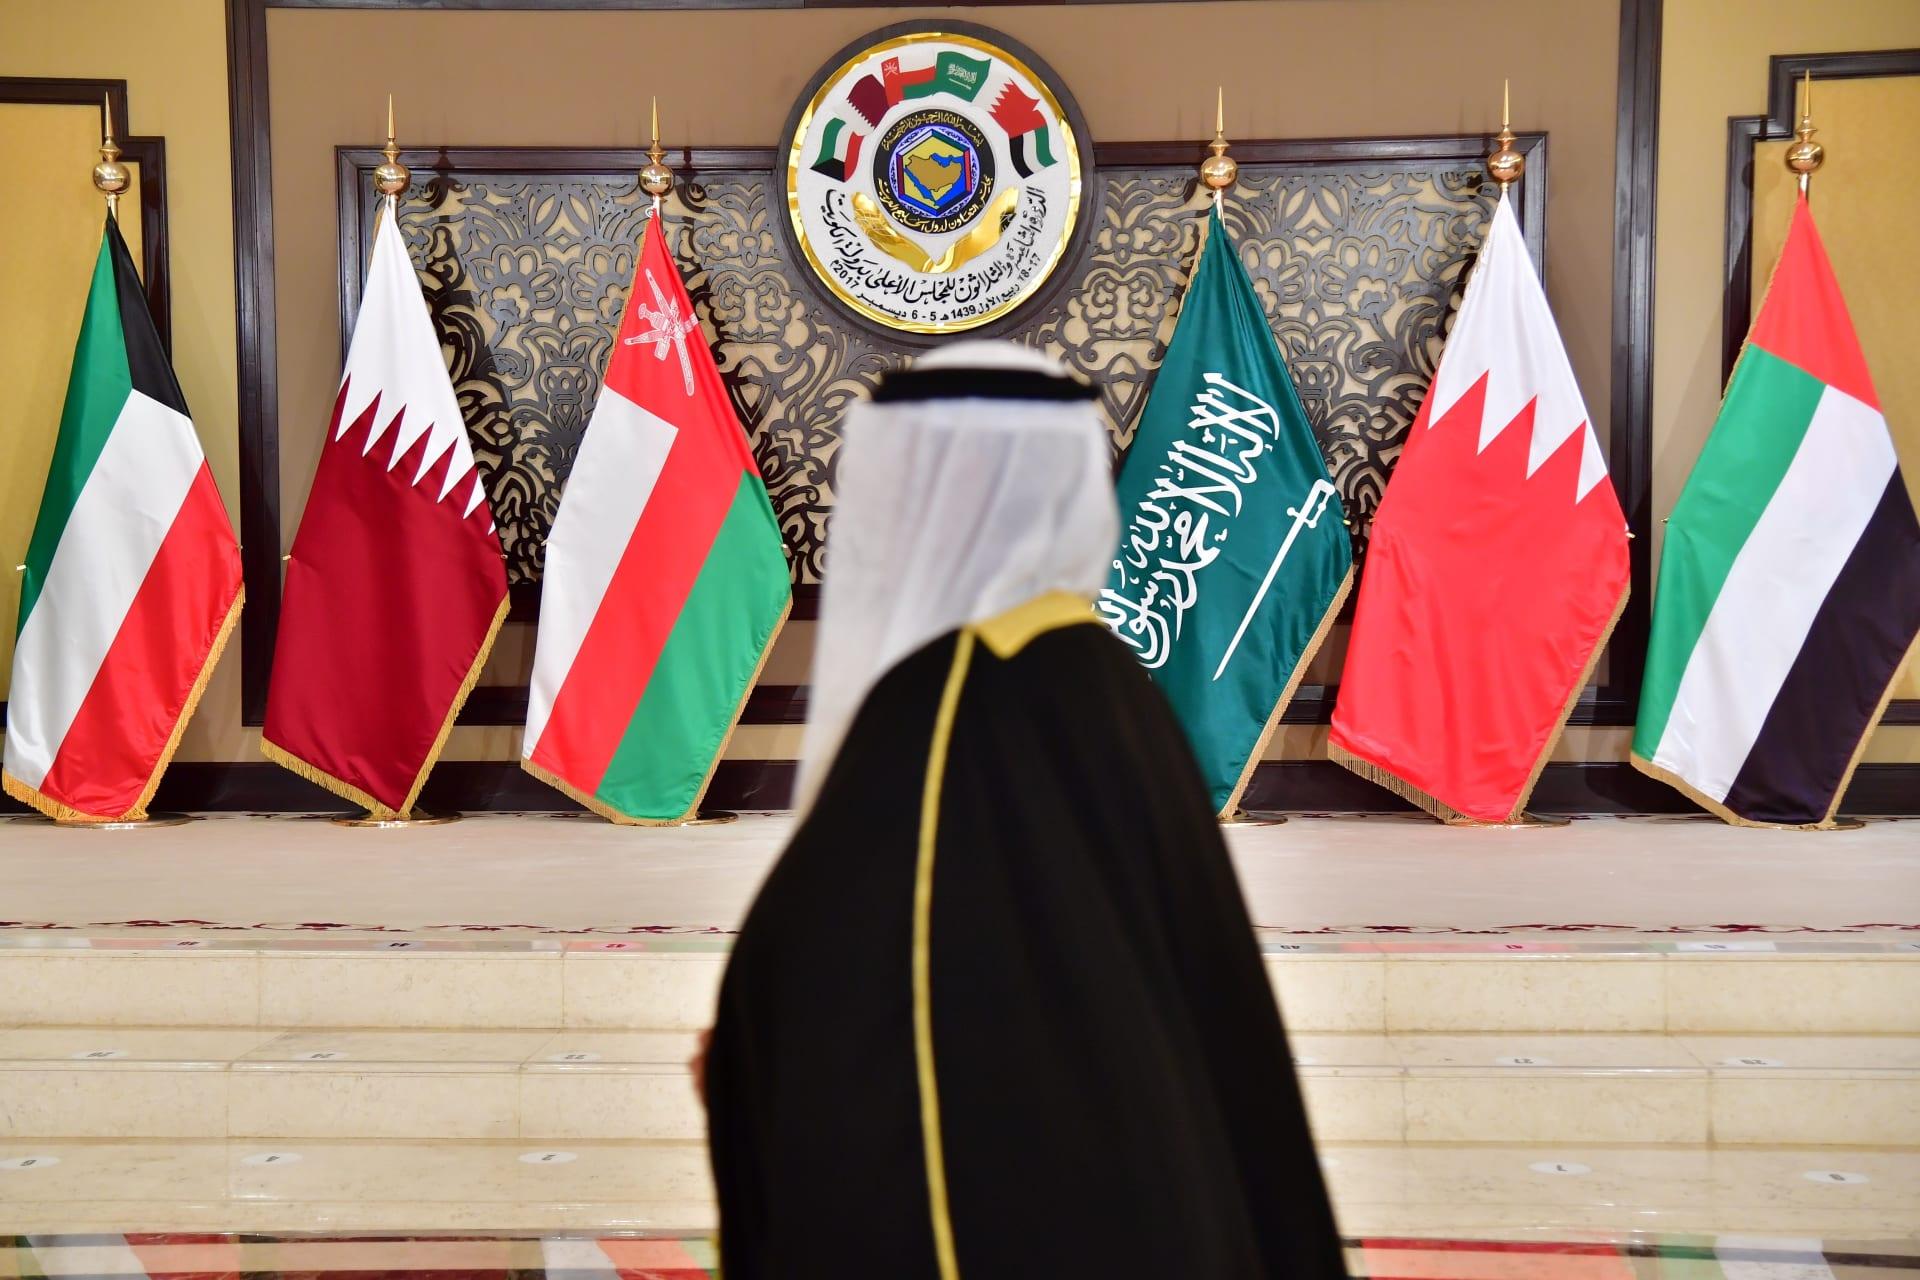 أكاديمي إماراتي ينتقد الخطاب الإعلامي لأطراف الخلاف الخليجي